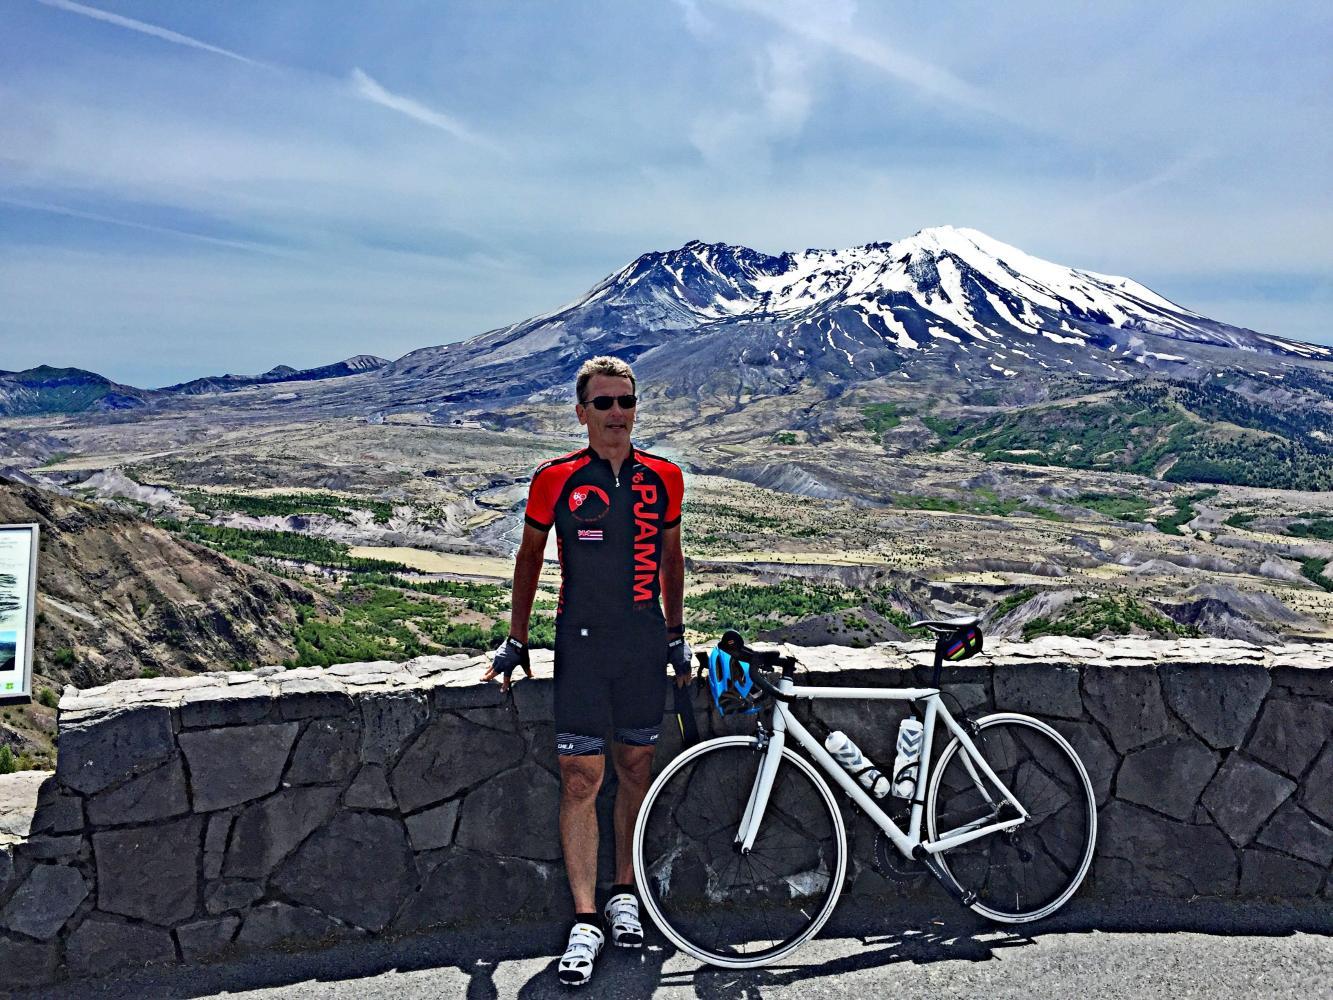 Johnston Ridge - Mt. St. Helens Bike Climb - PJAMM Cycling